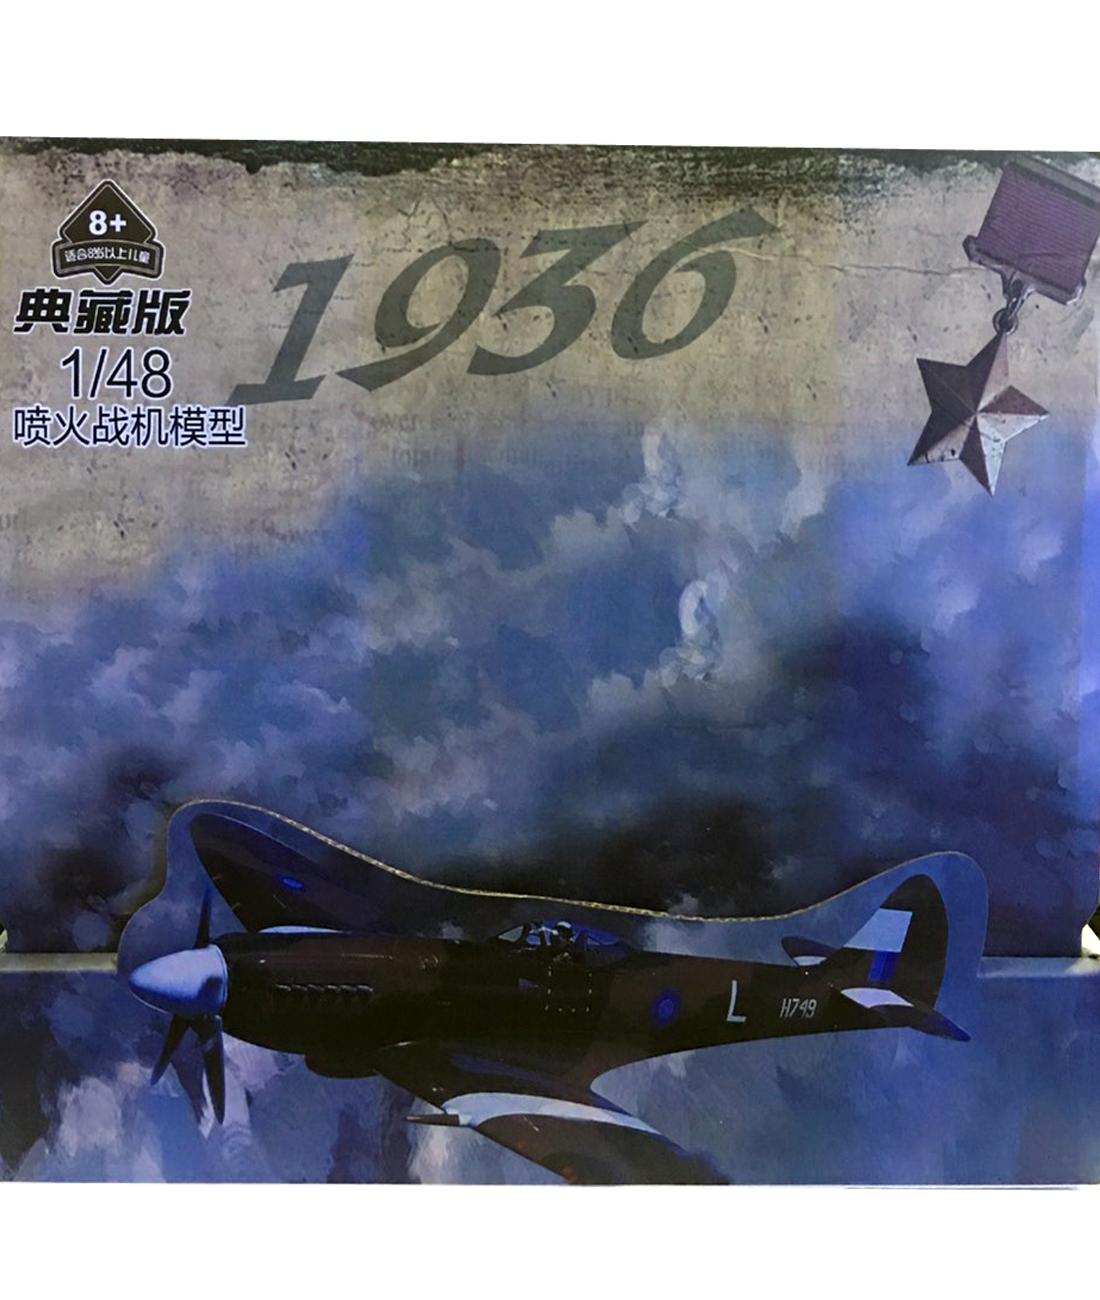 ชุดเครื่องบินโบราณรบ 1/48 (1936)